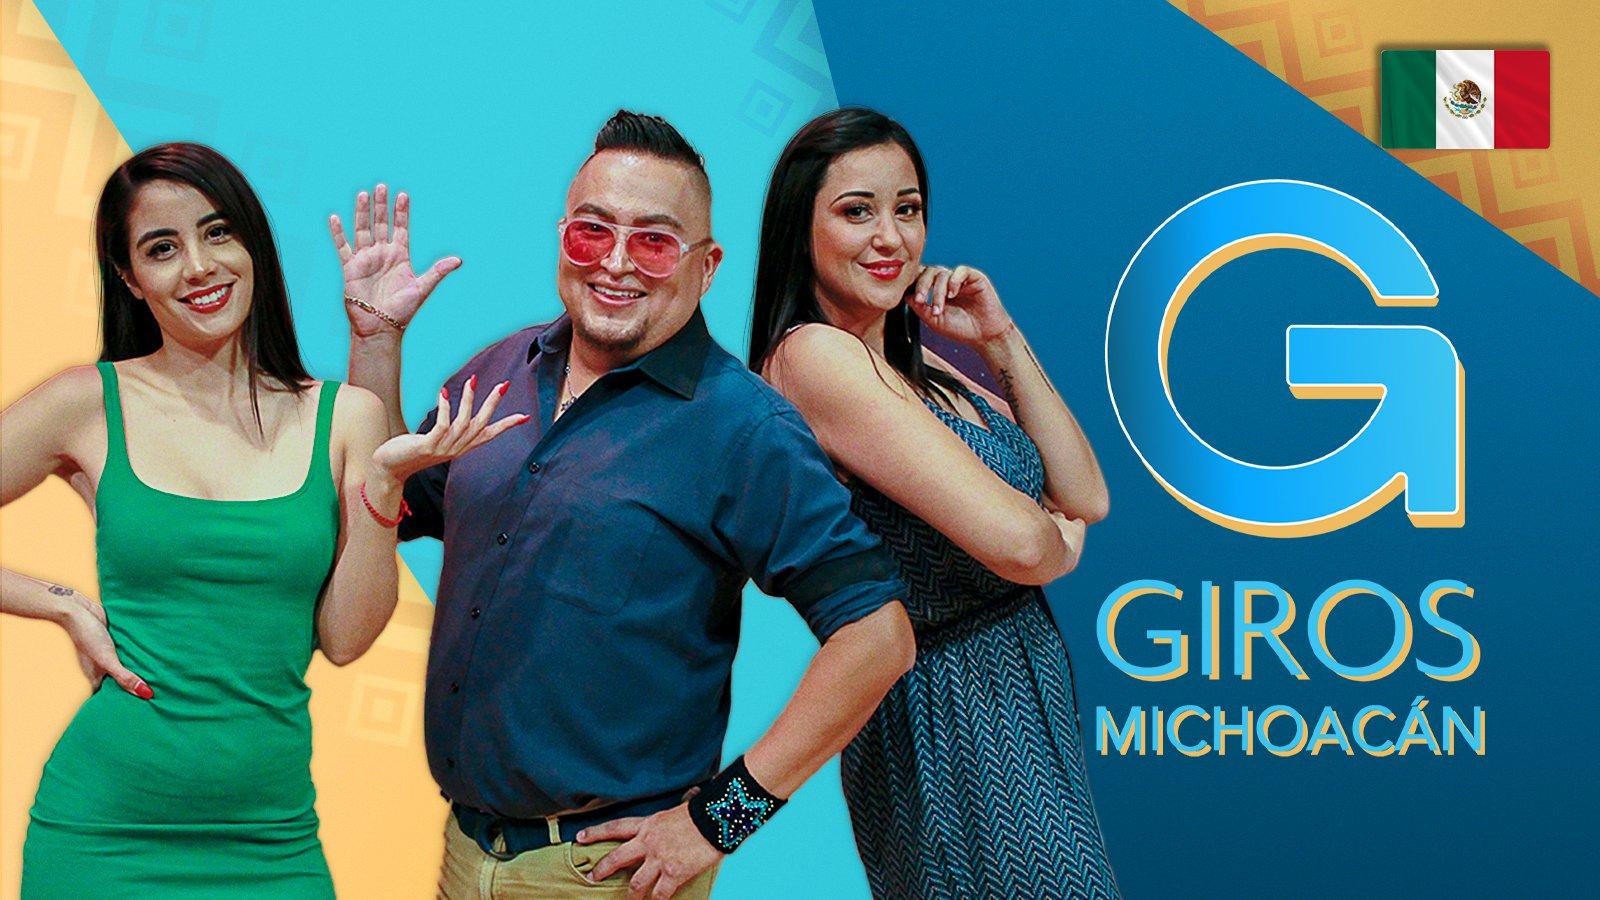 Giros Michoacán poster